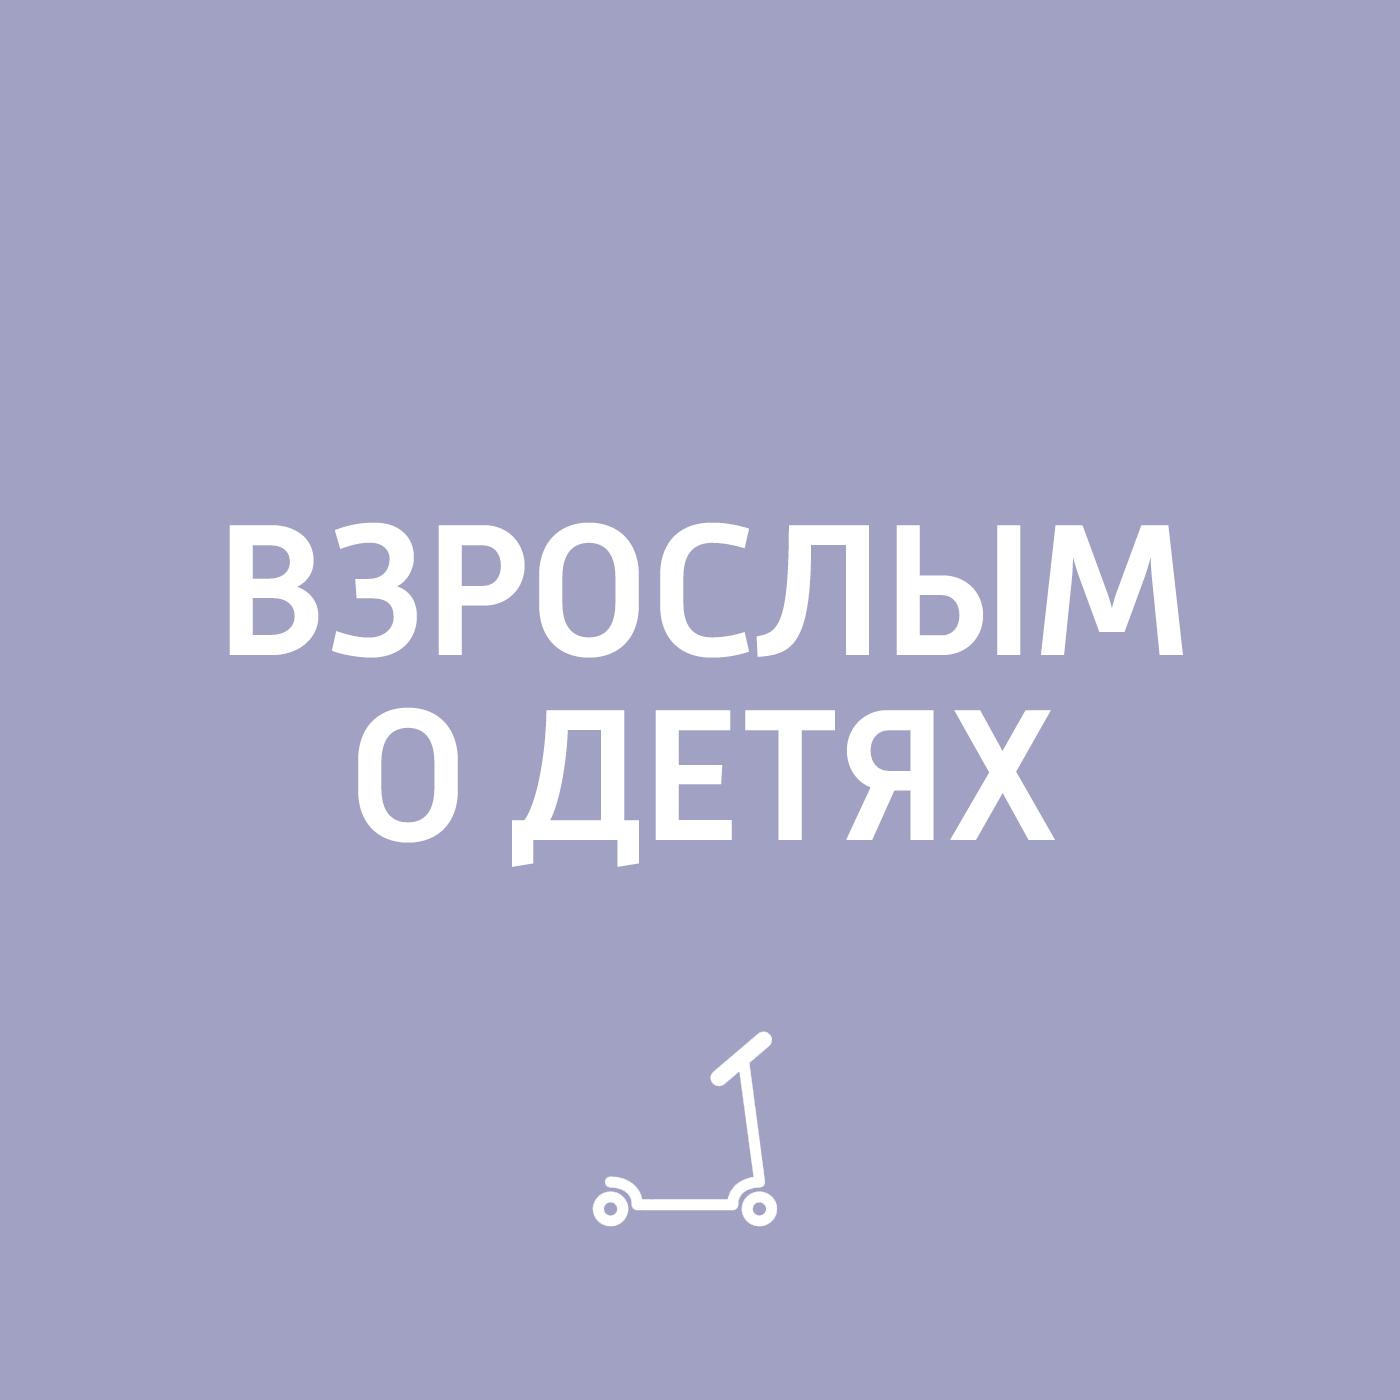 Творческий коллектив шоу «Дышите глубже» Первая любовь арина холина любовь всей жизни – но без секса